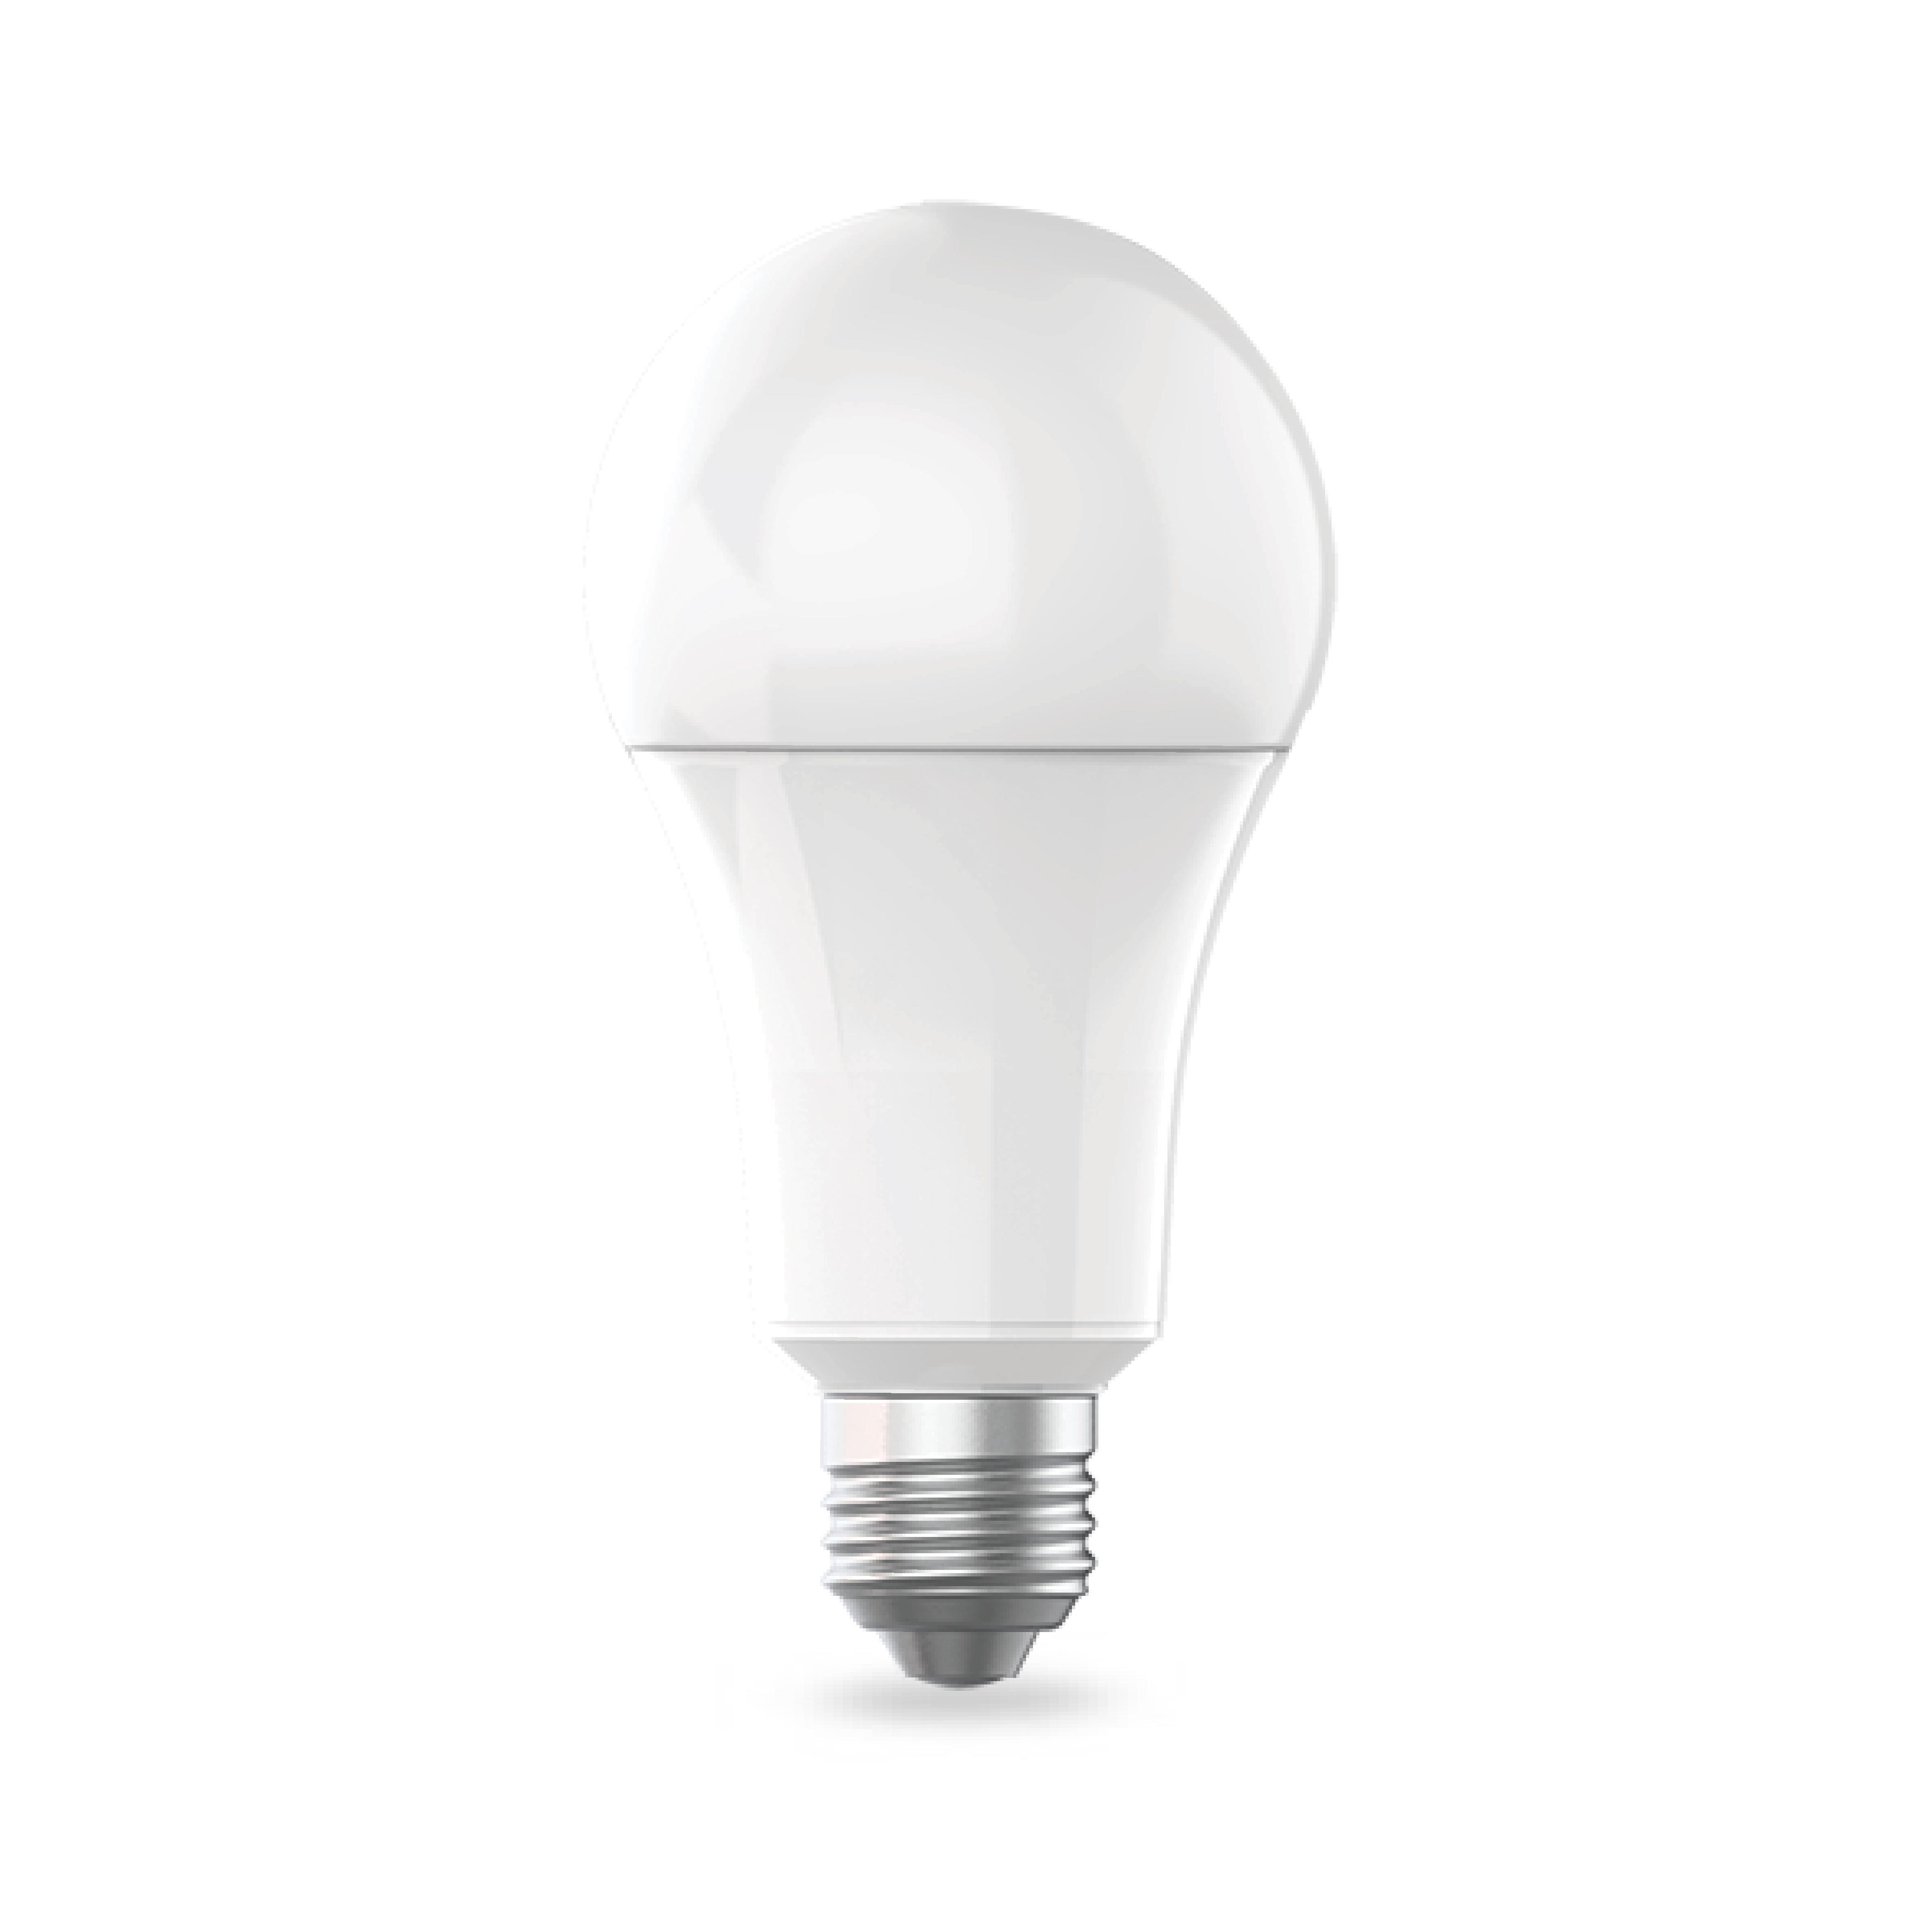 Bóng đèn LED Bulb RGB Kết nối Wifi LED A60 RGBW 9W.WF Chính Hãng Rạng Đông